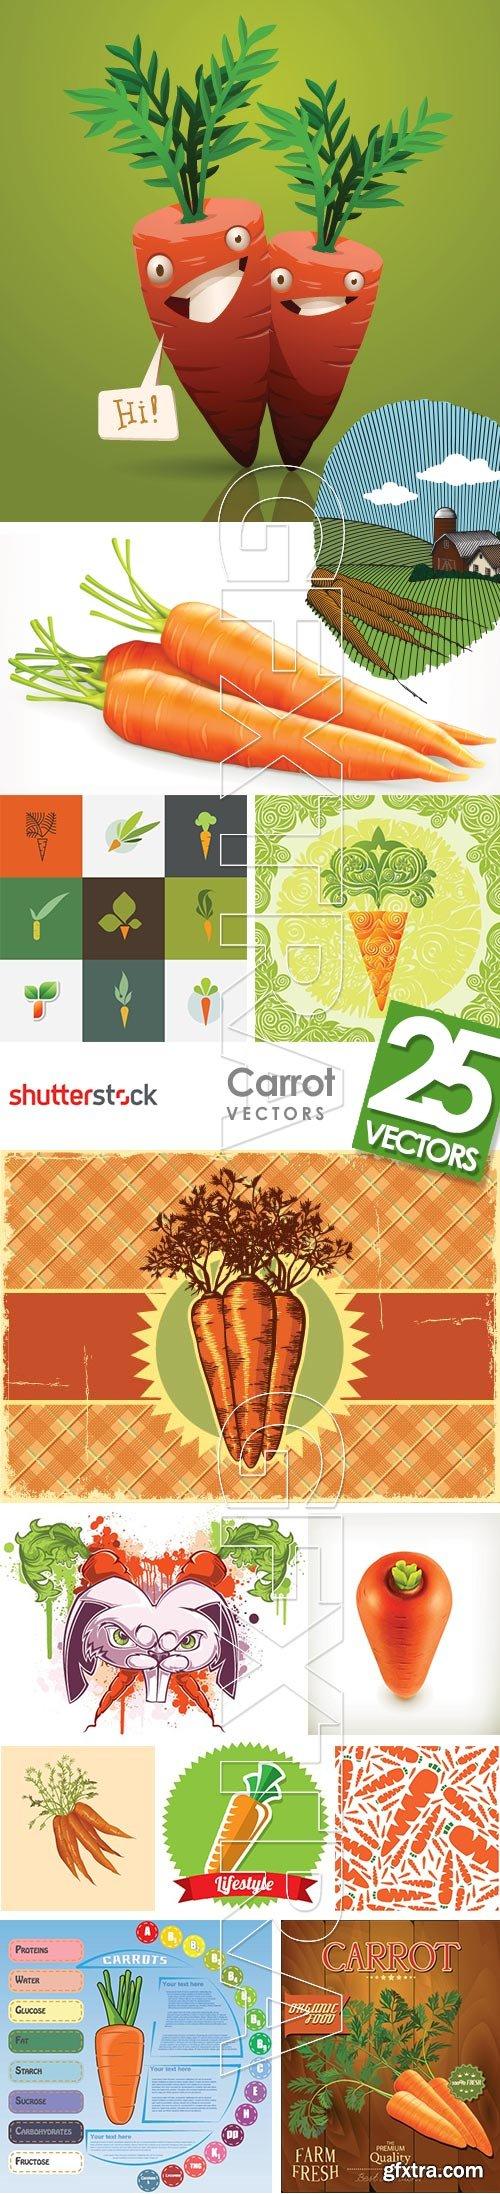 Carrot Vectors 25xEPS